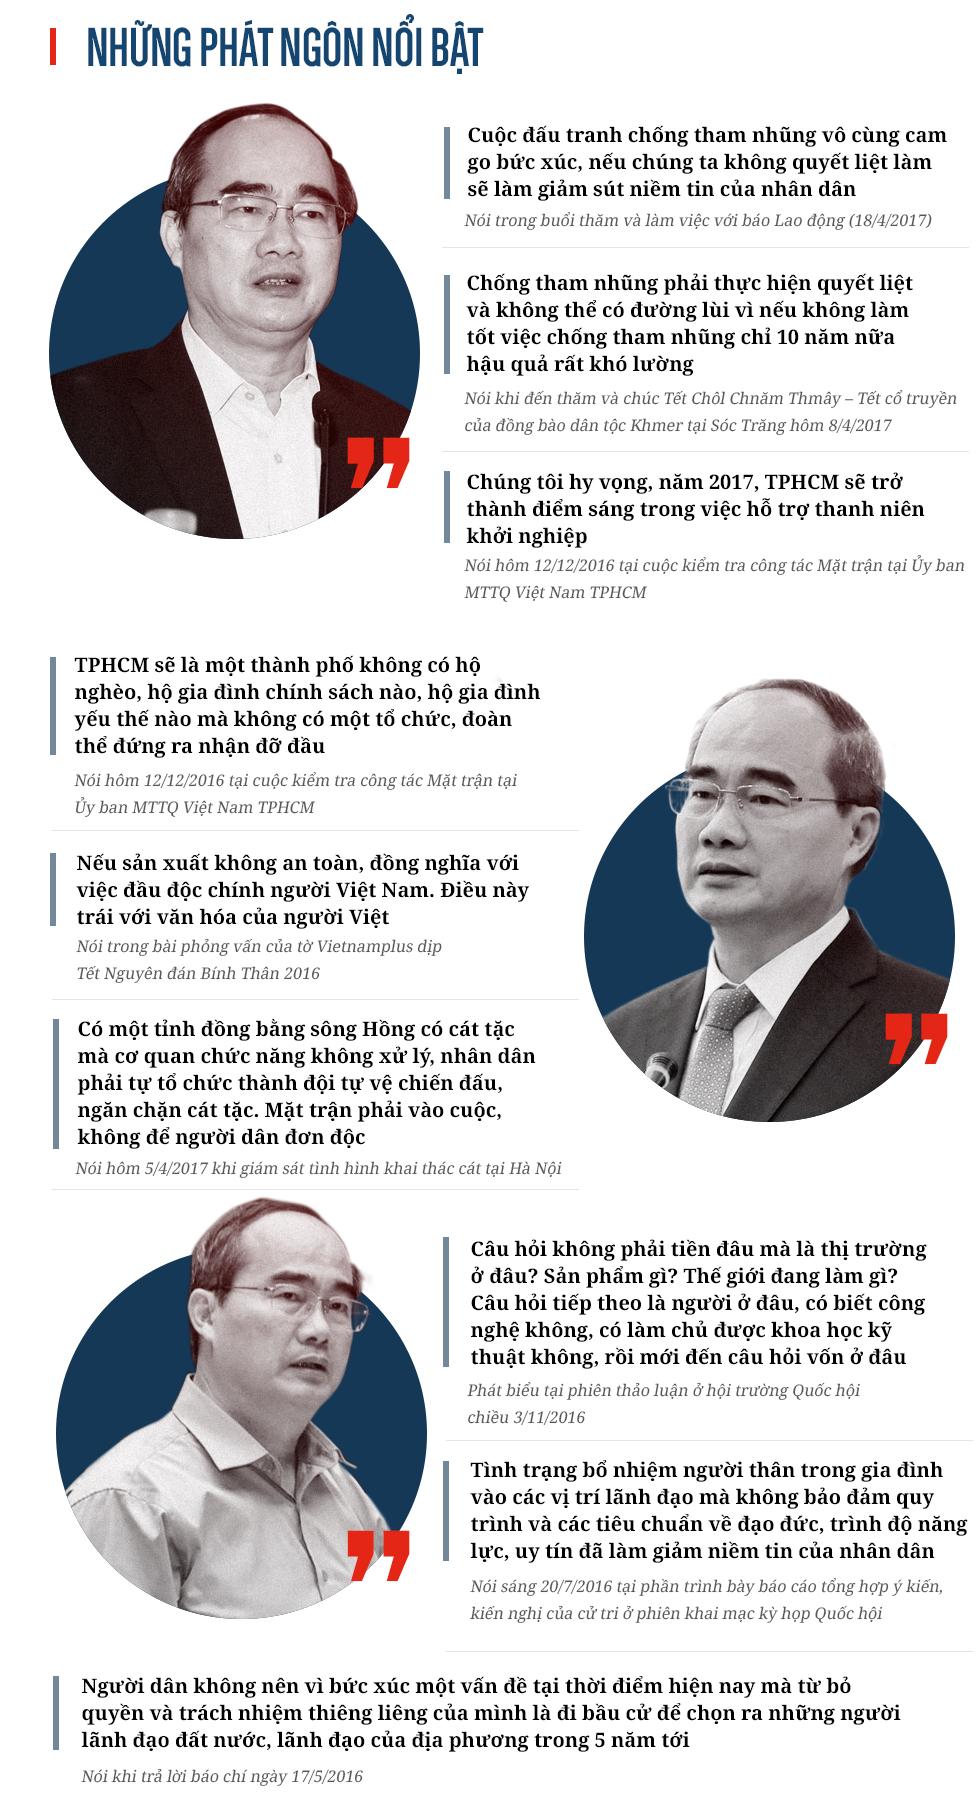 Chân dung tân Bí thư Thành ủy TPHCM Nguyễn Thiện Nhân - Ảnh 3.